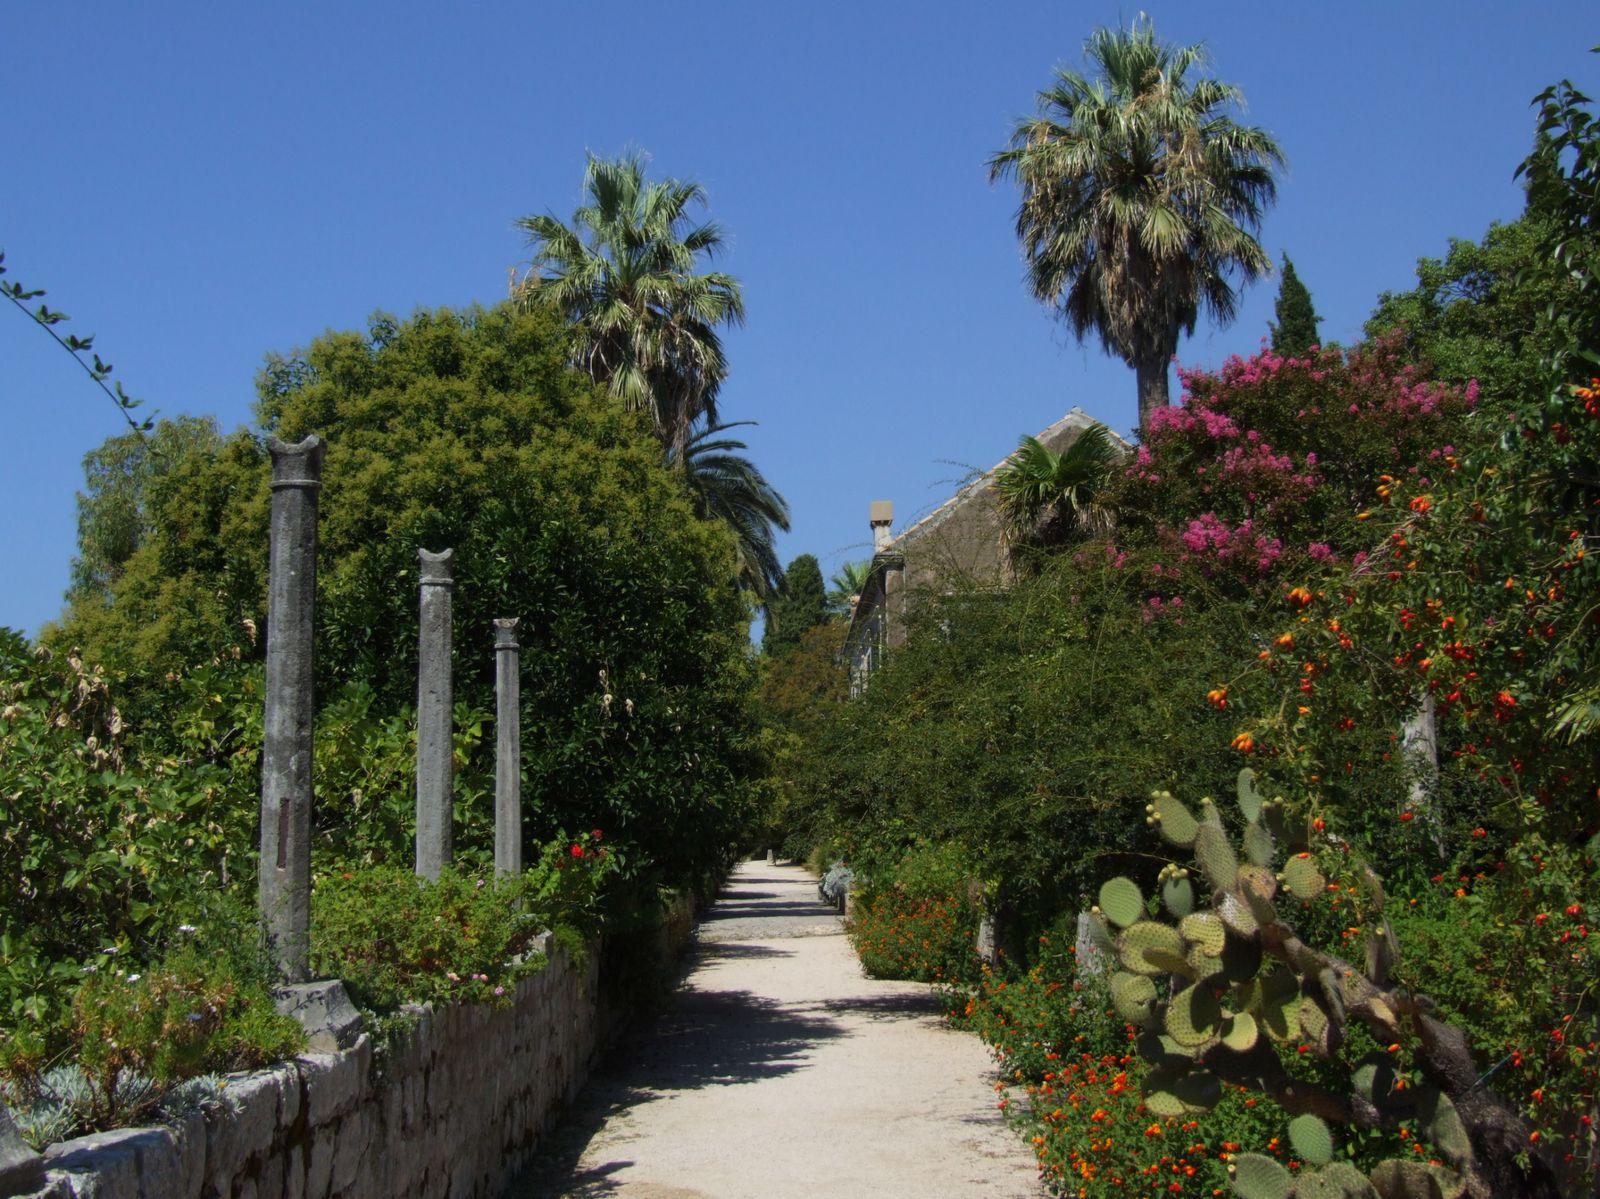 L'arboretum de Trsteno